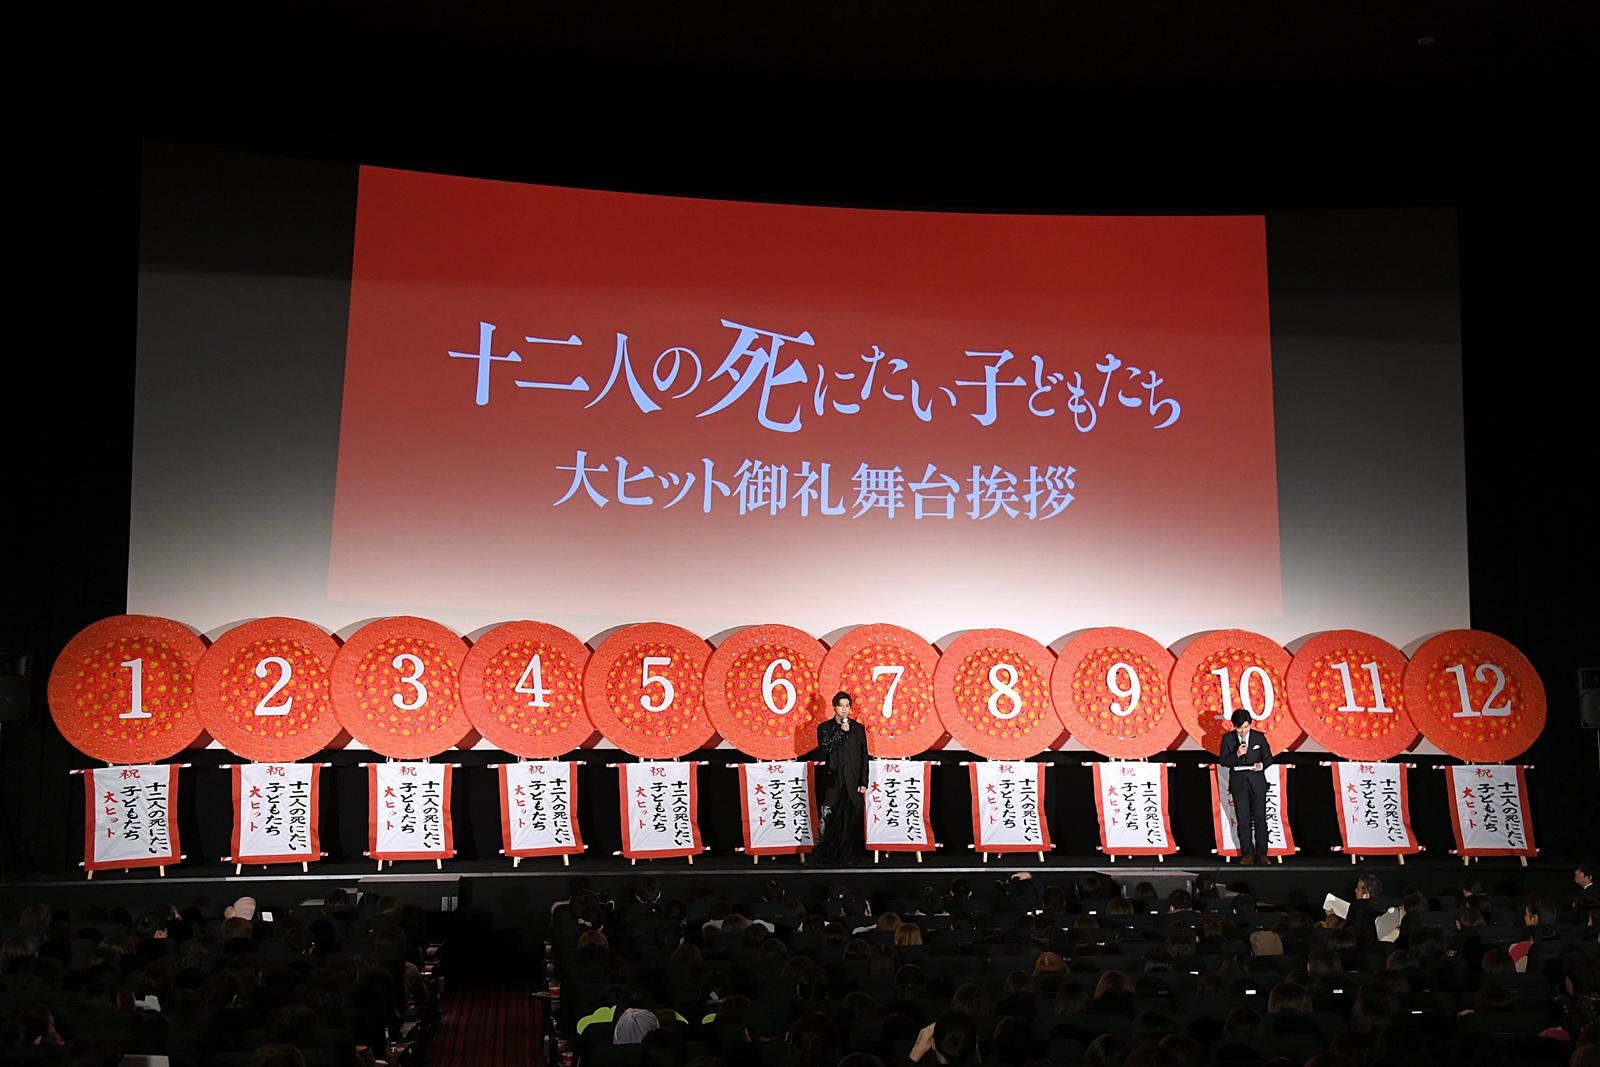 【写真】映画『十二人の死にたい子どもたち』大ヒット御礼舞台挨拶 (新田真剣佑)